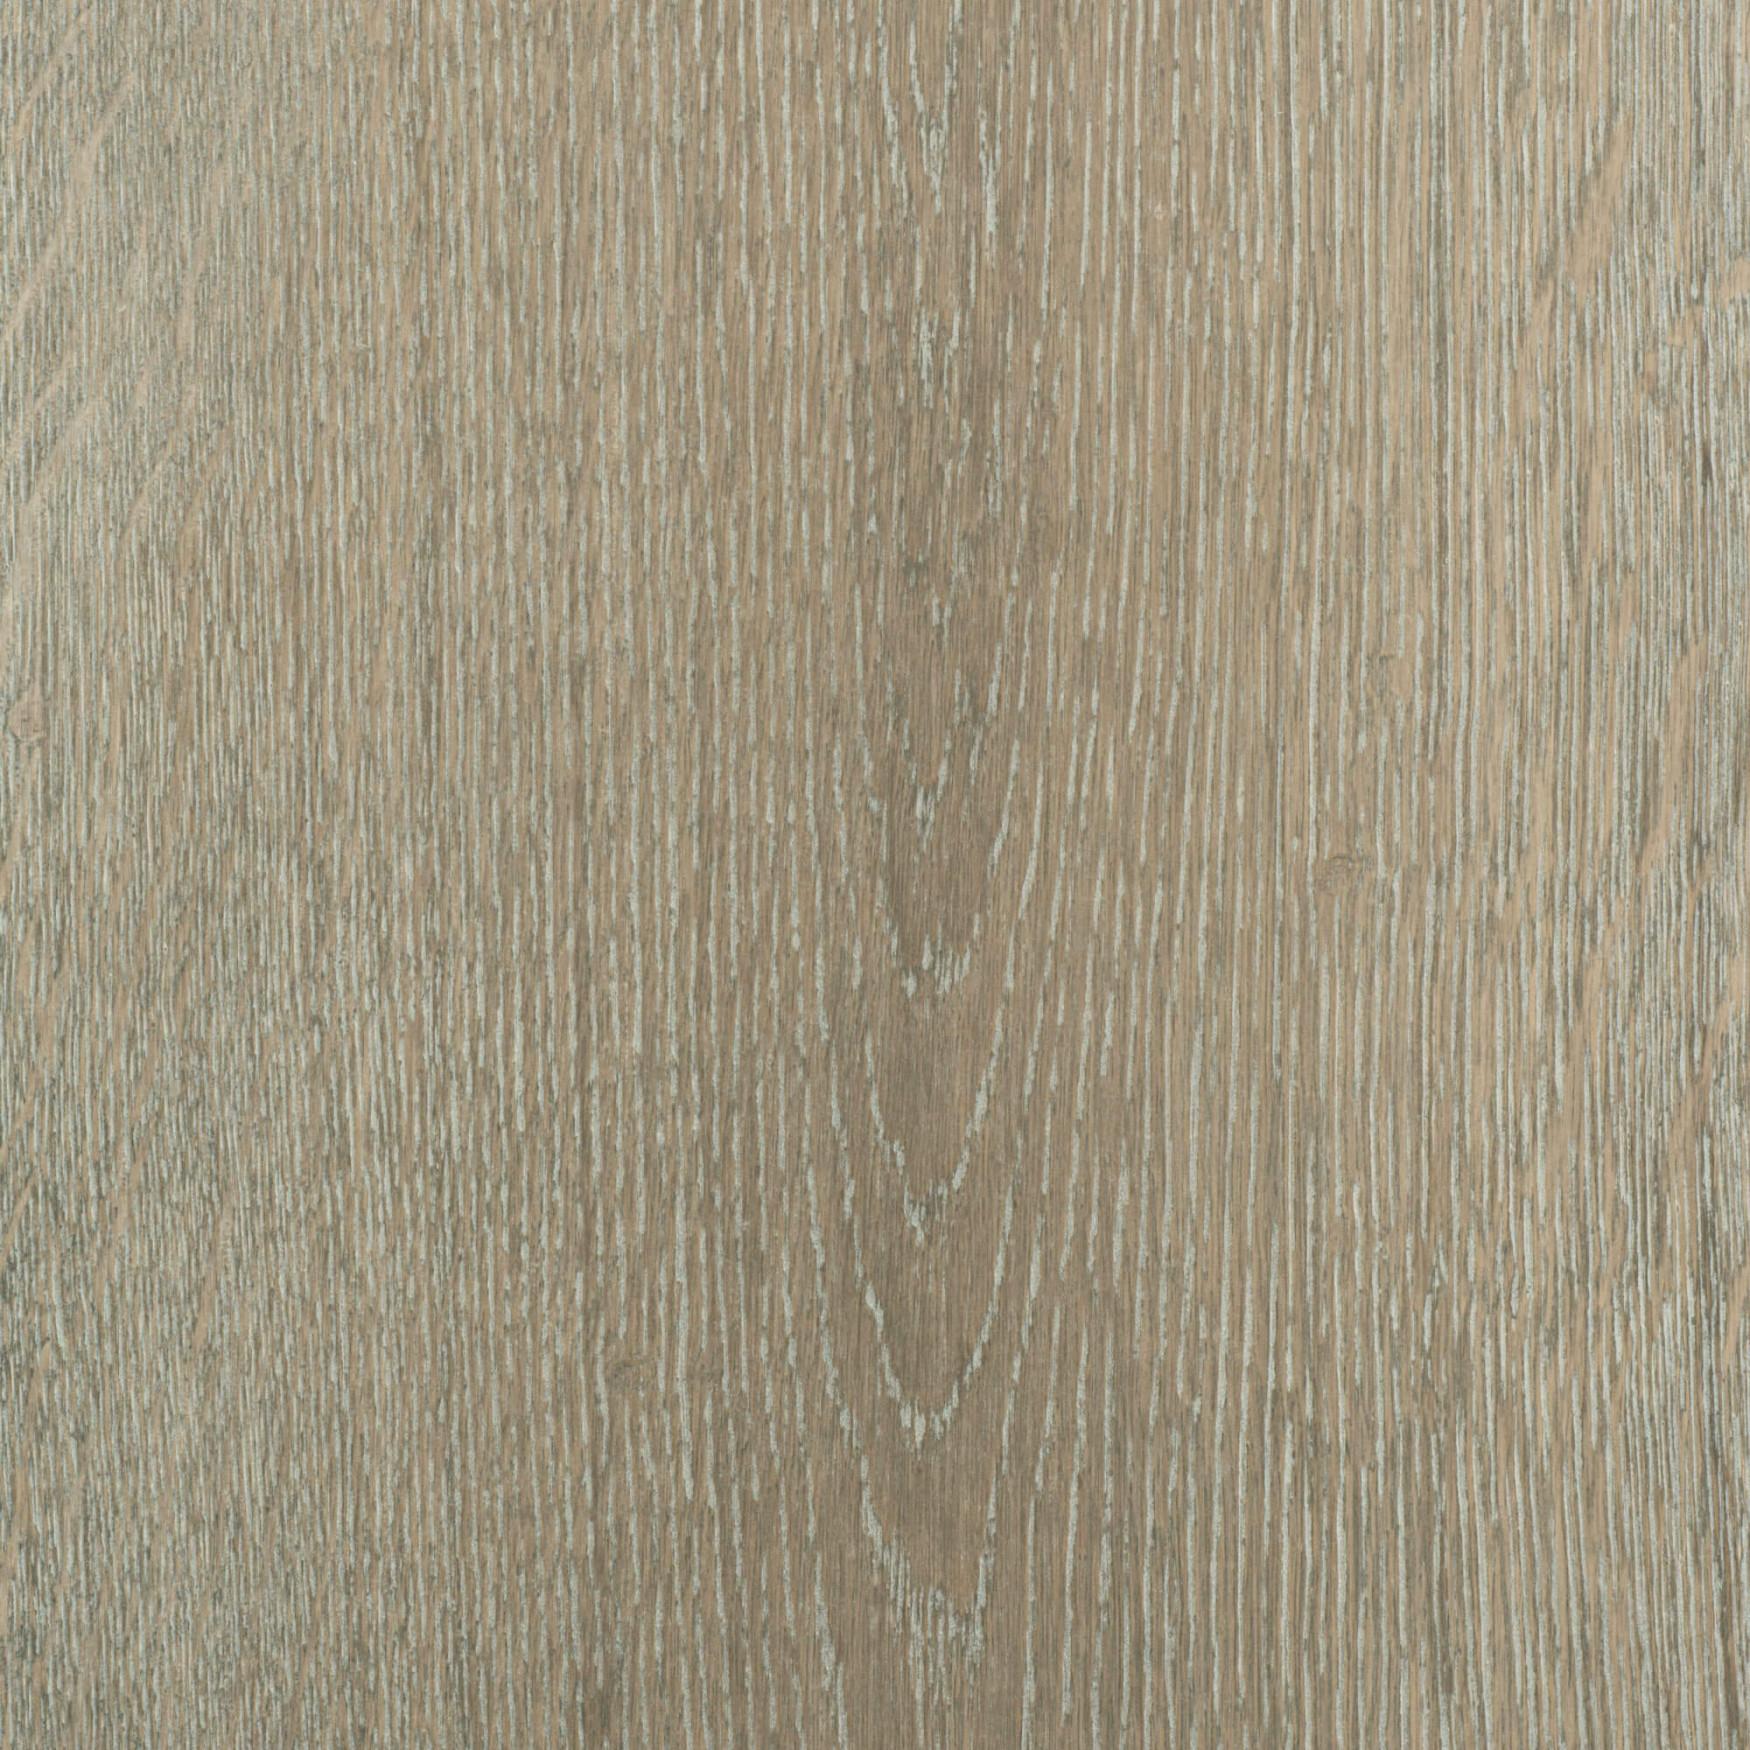 Element7-wide-plank-samples-RT-Venetian-Grey-Oak